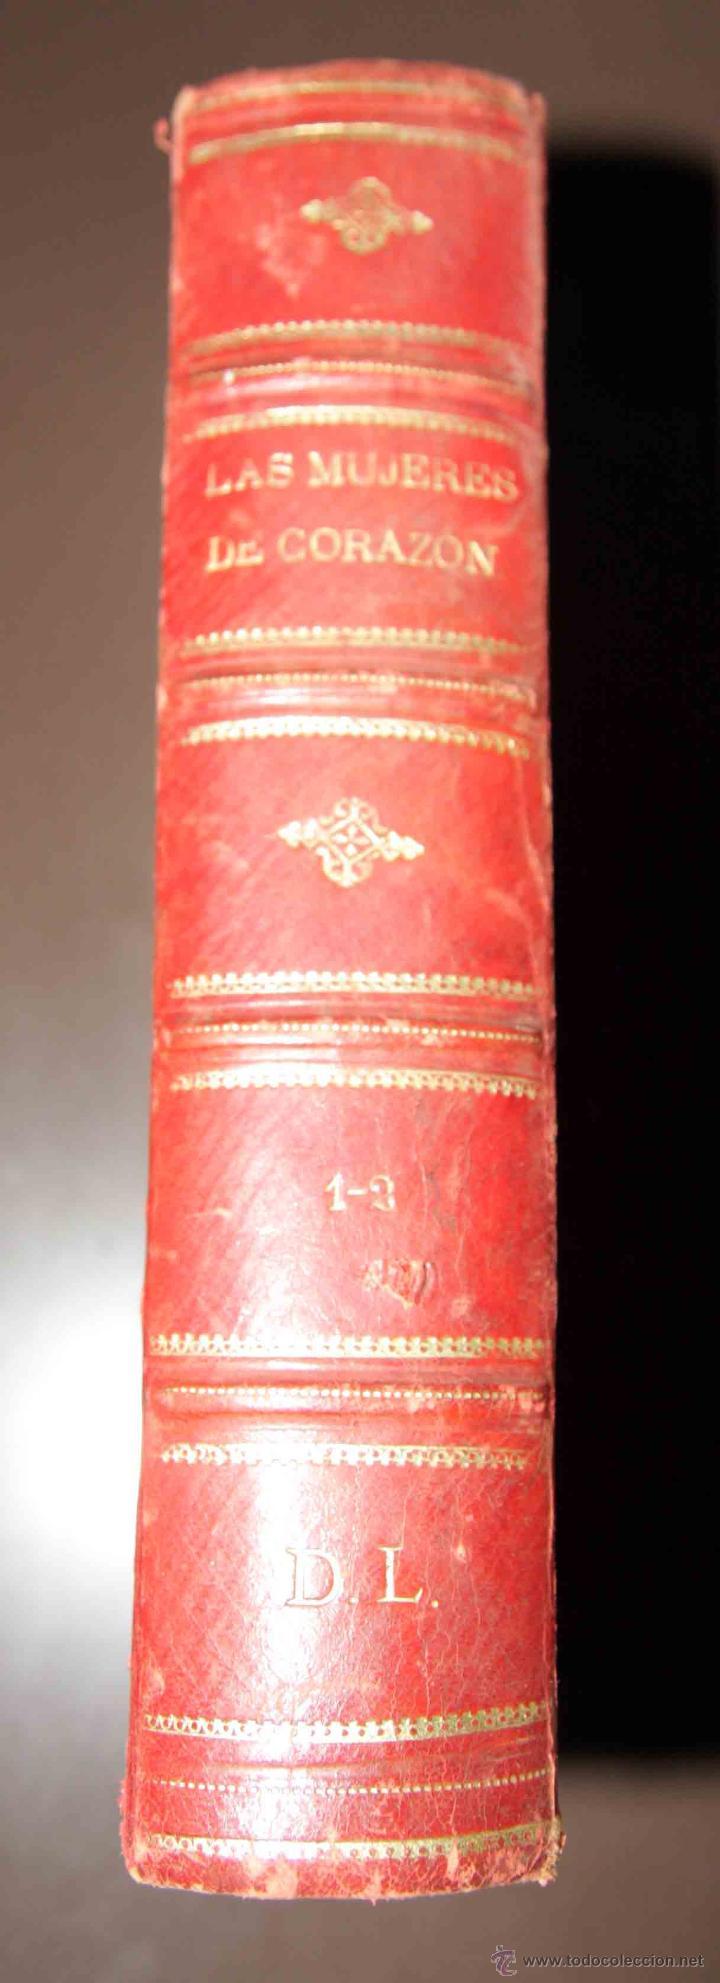 LAS MUJERES DE CORAZÓN TOMO 1 Y 2 . ALVARO CARRILLO. RAMON MOLINAS EDITOR (Libros antiguos (hasta 1936), raros y curiosos - Literatura - Narrativa - Novela Romántica)